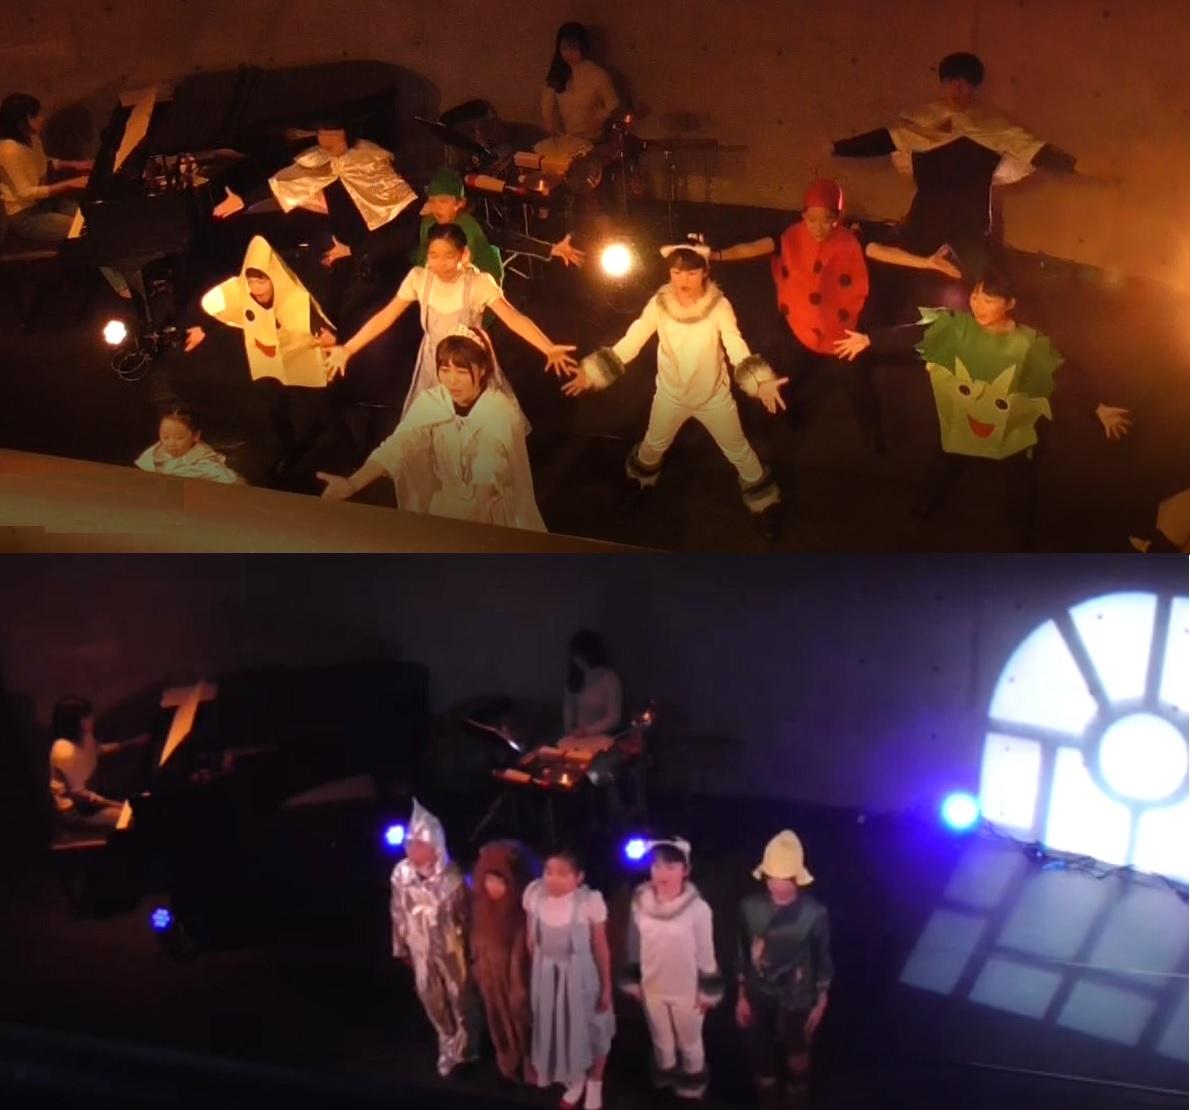 オーディション ミュージカル「オズの魔法使い2021」出演者募集 キッズ主役のキッズによるキッズのためのミュージカル 主催:サニースクエア、カテゴリ:子役